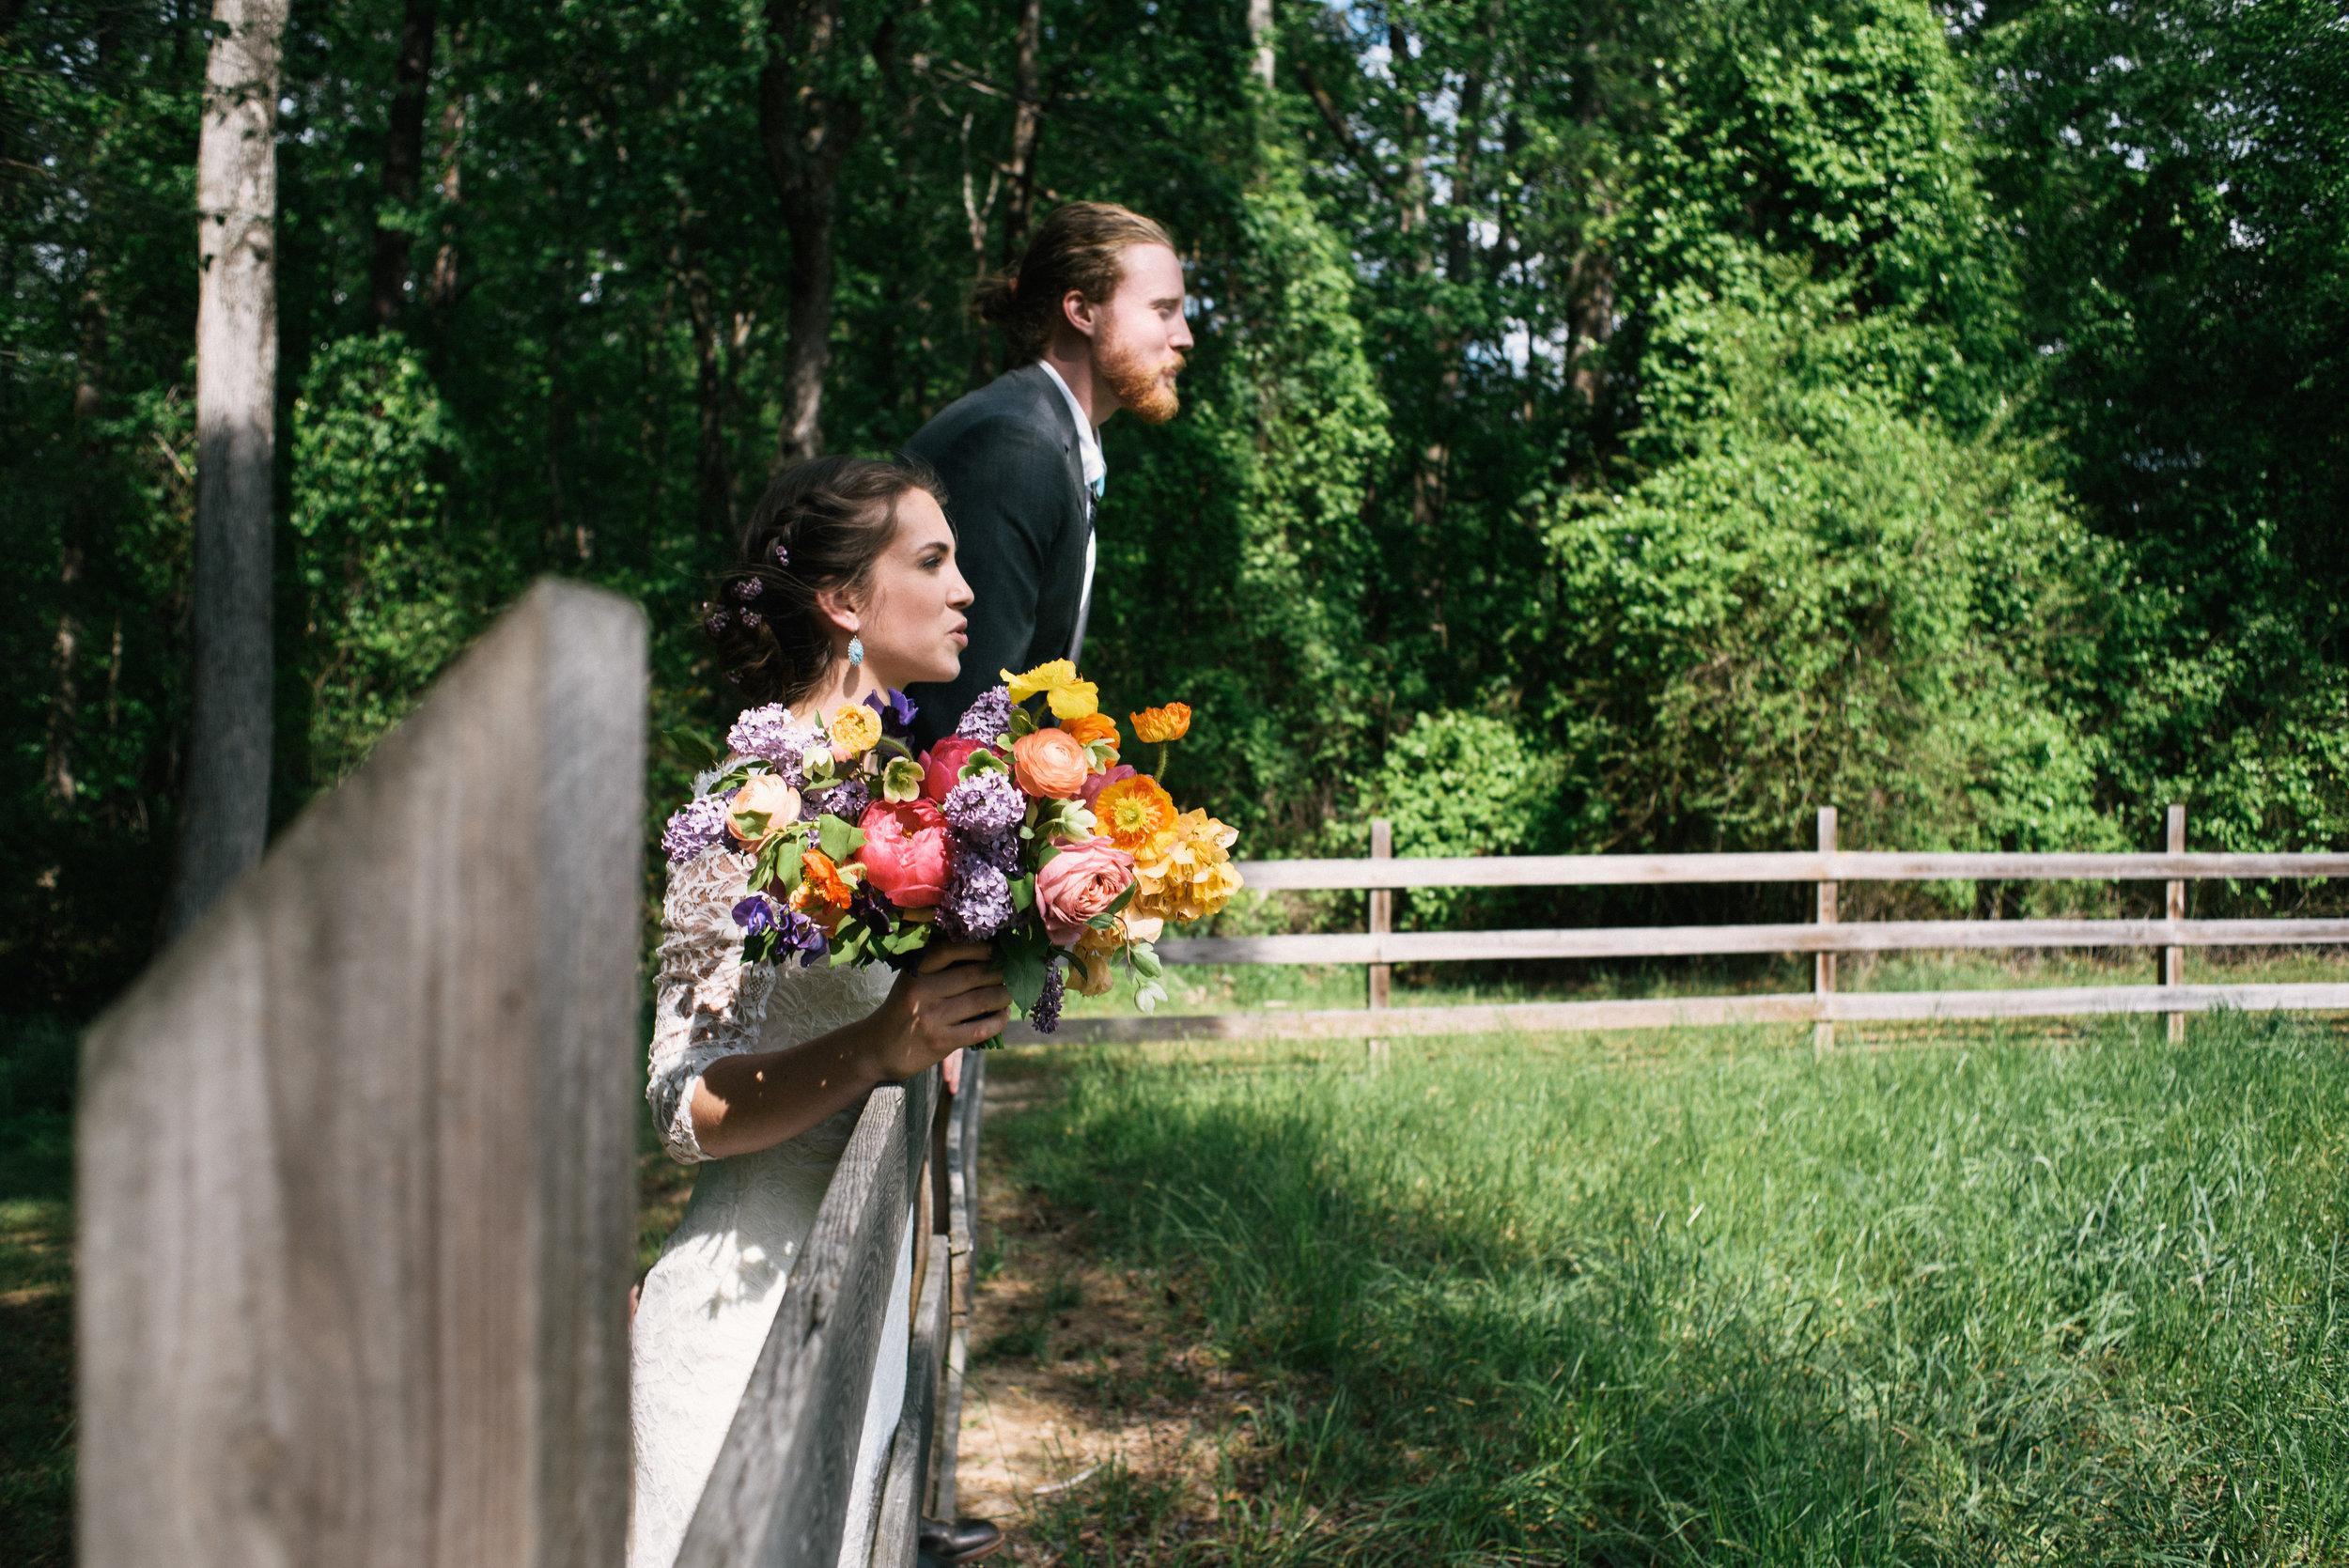 raleigh-elopement-photographer-raleigh-durham-wedding-maddie-and-devin- (47 of 162).jpg